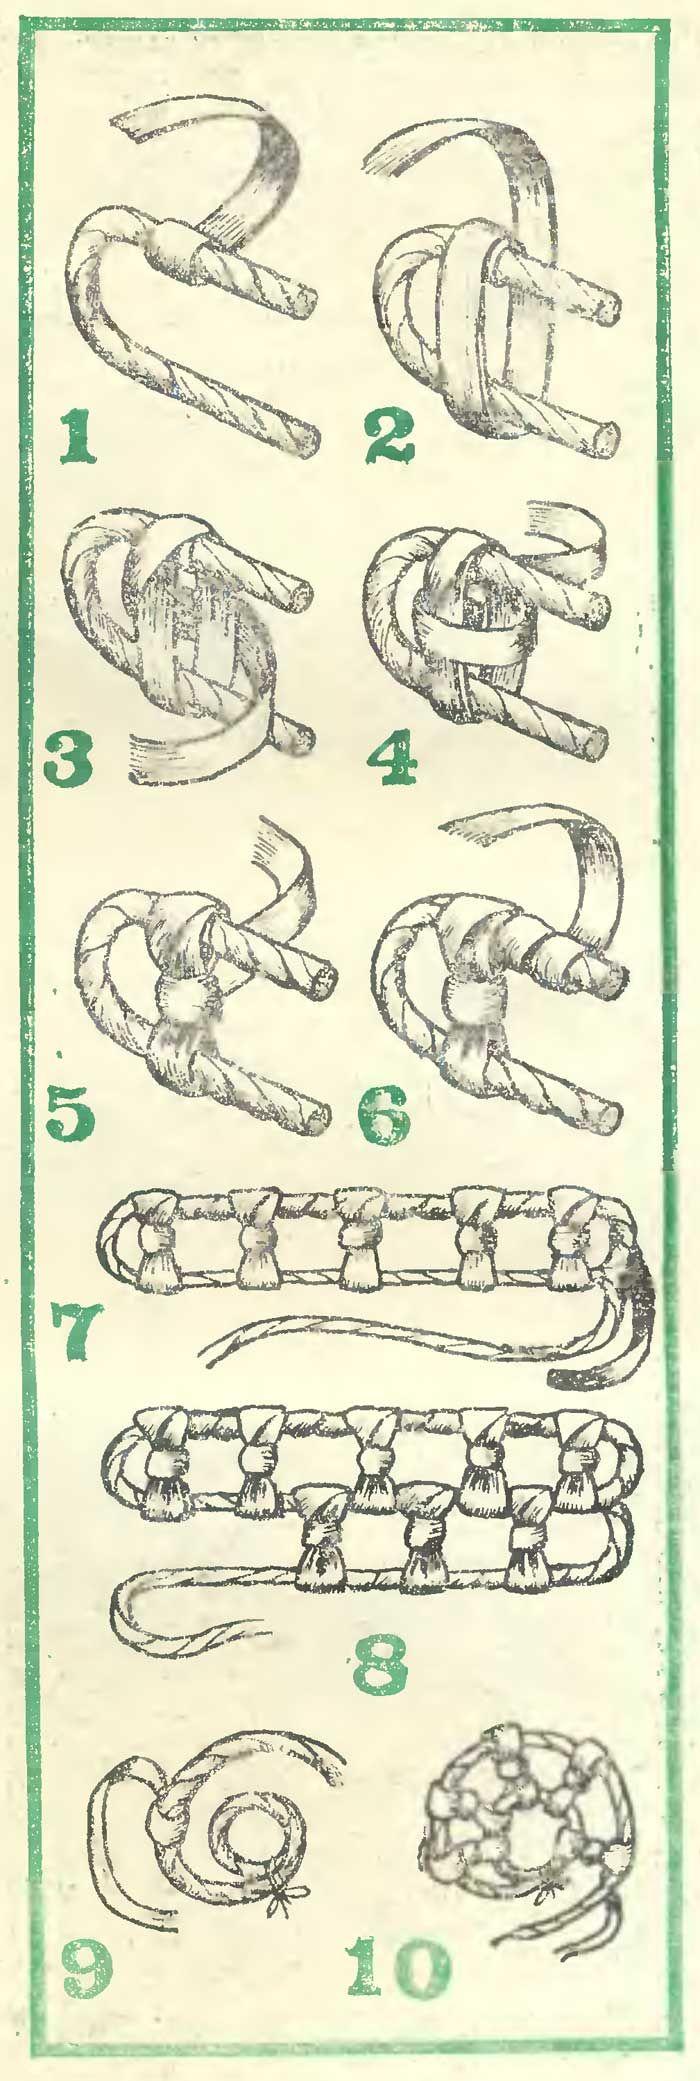 gyökér Мастера используют для плетения различных вещей листья и стебли рогоза и камыша, листья початков кукурузы. Их мы и рекомендуем вам для работы. В нашей стране пр